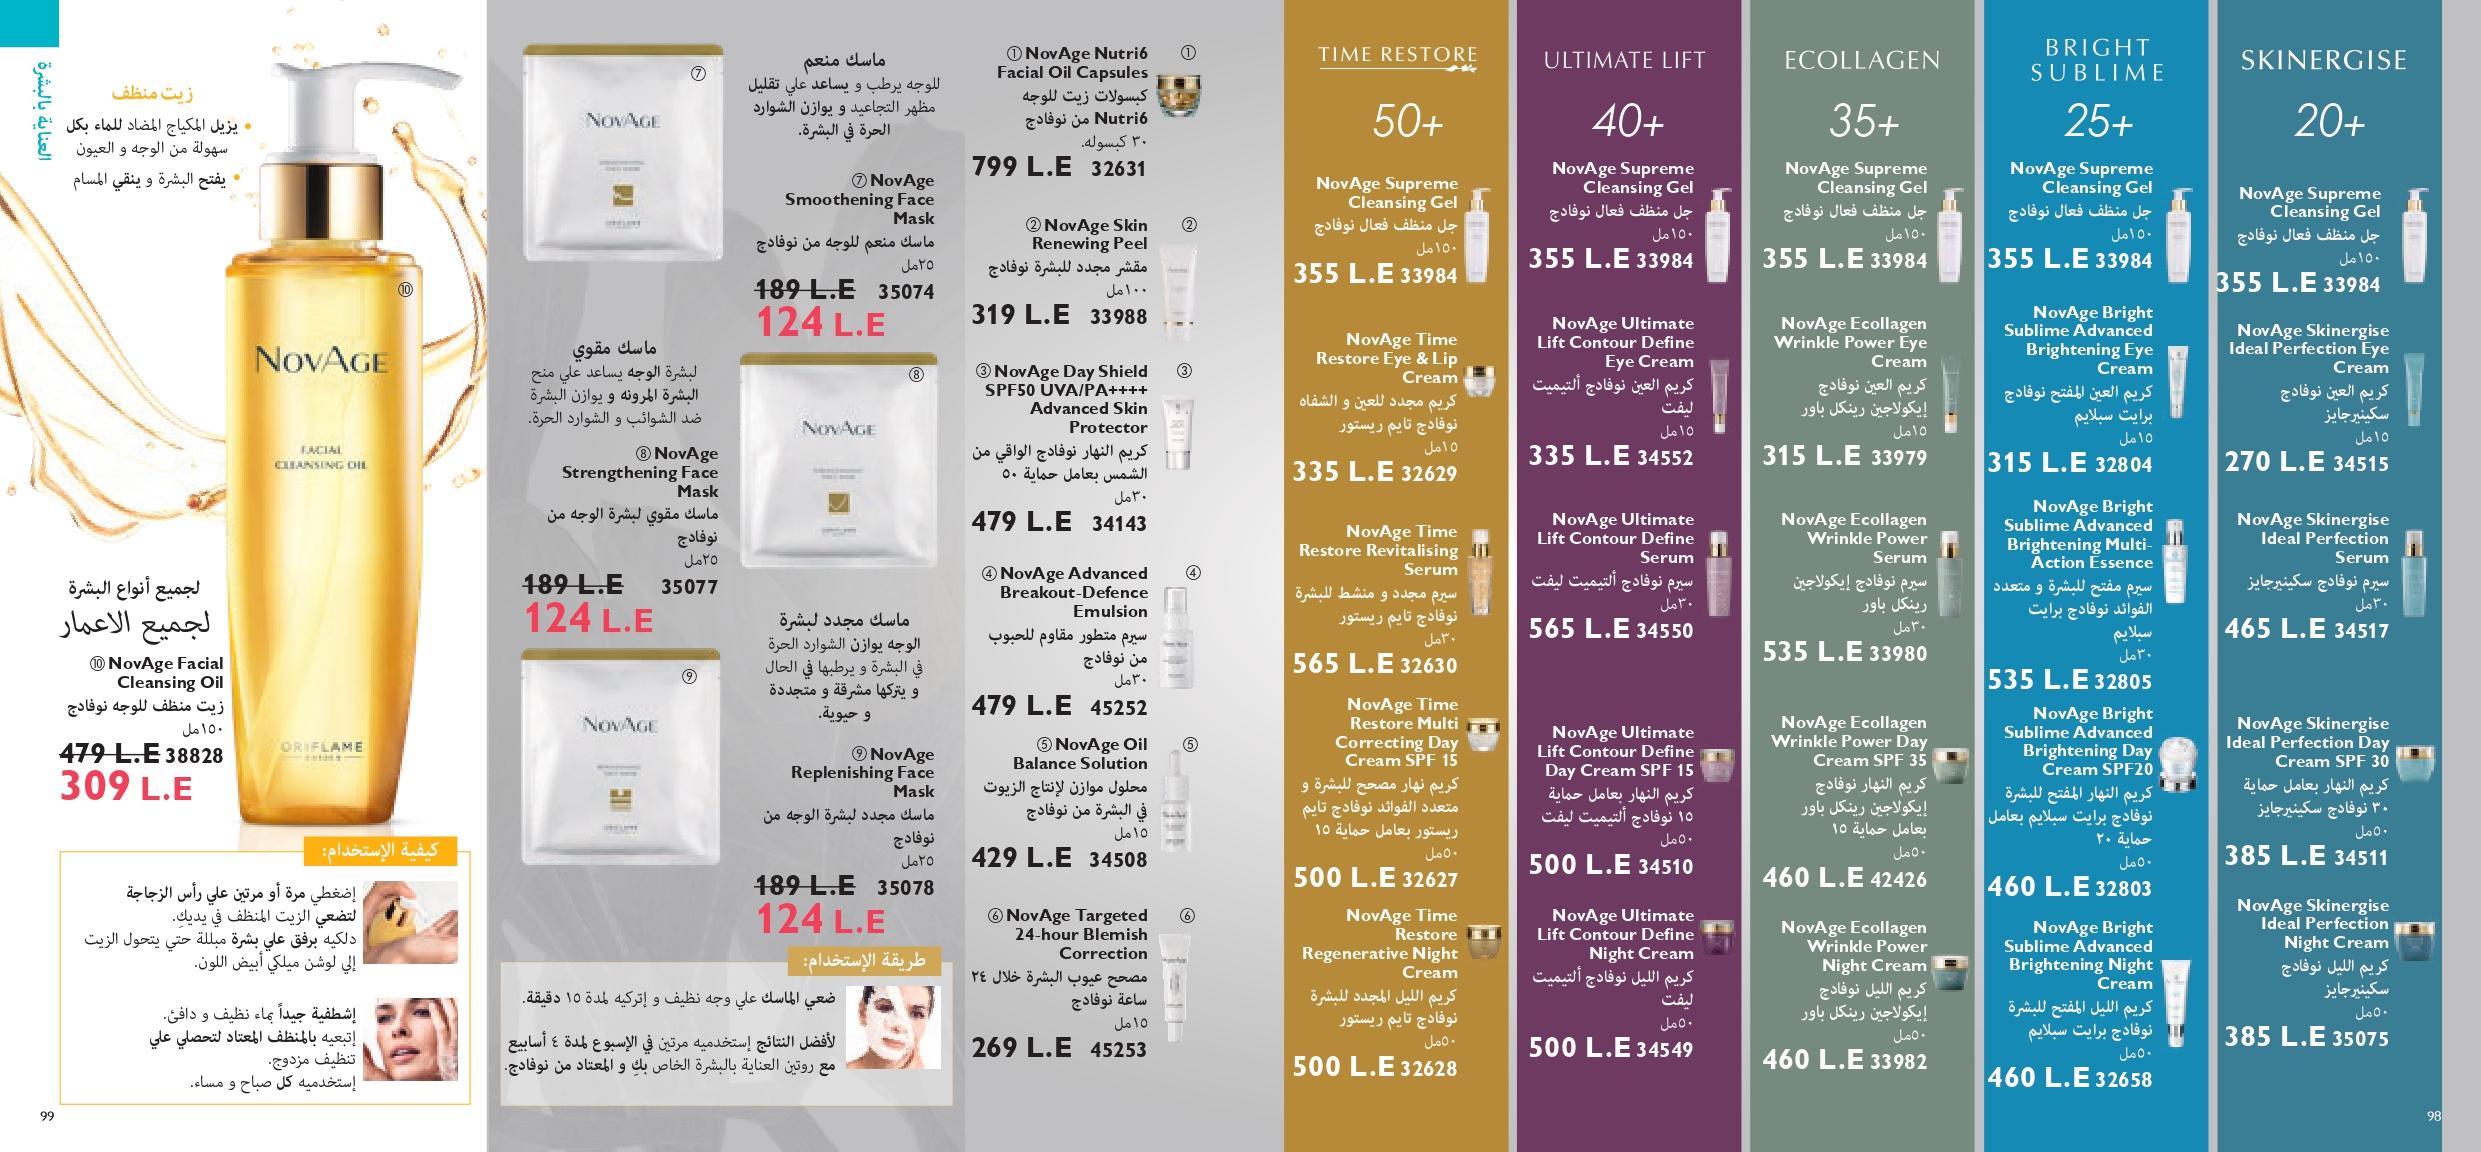 كتالوج اوريفليم أبريل 2021 أقوي عروض الصيف الرائعة أحصل علي الكتالوج pdf 52